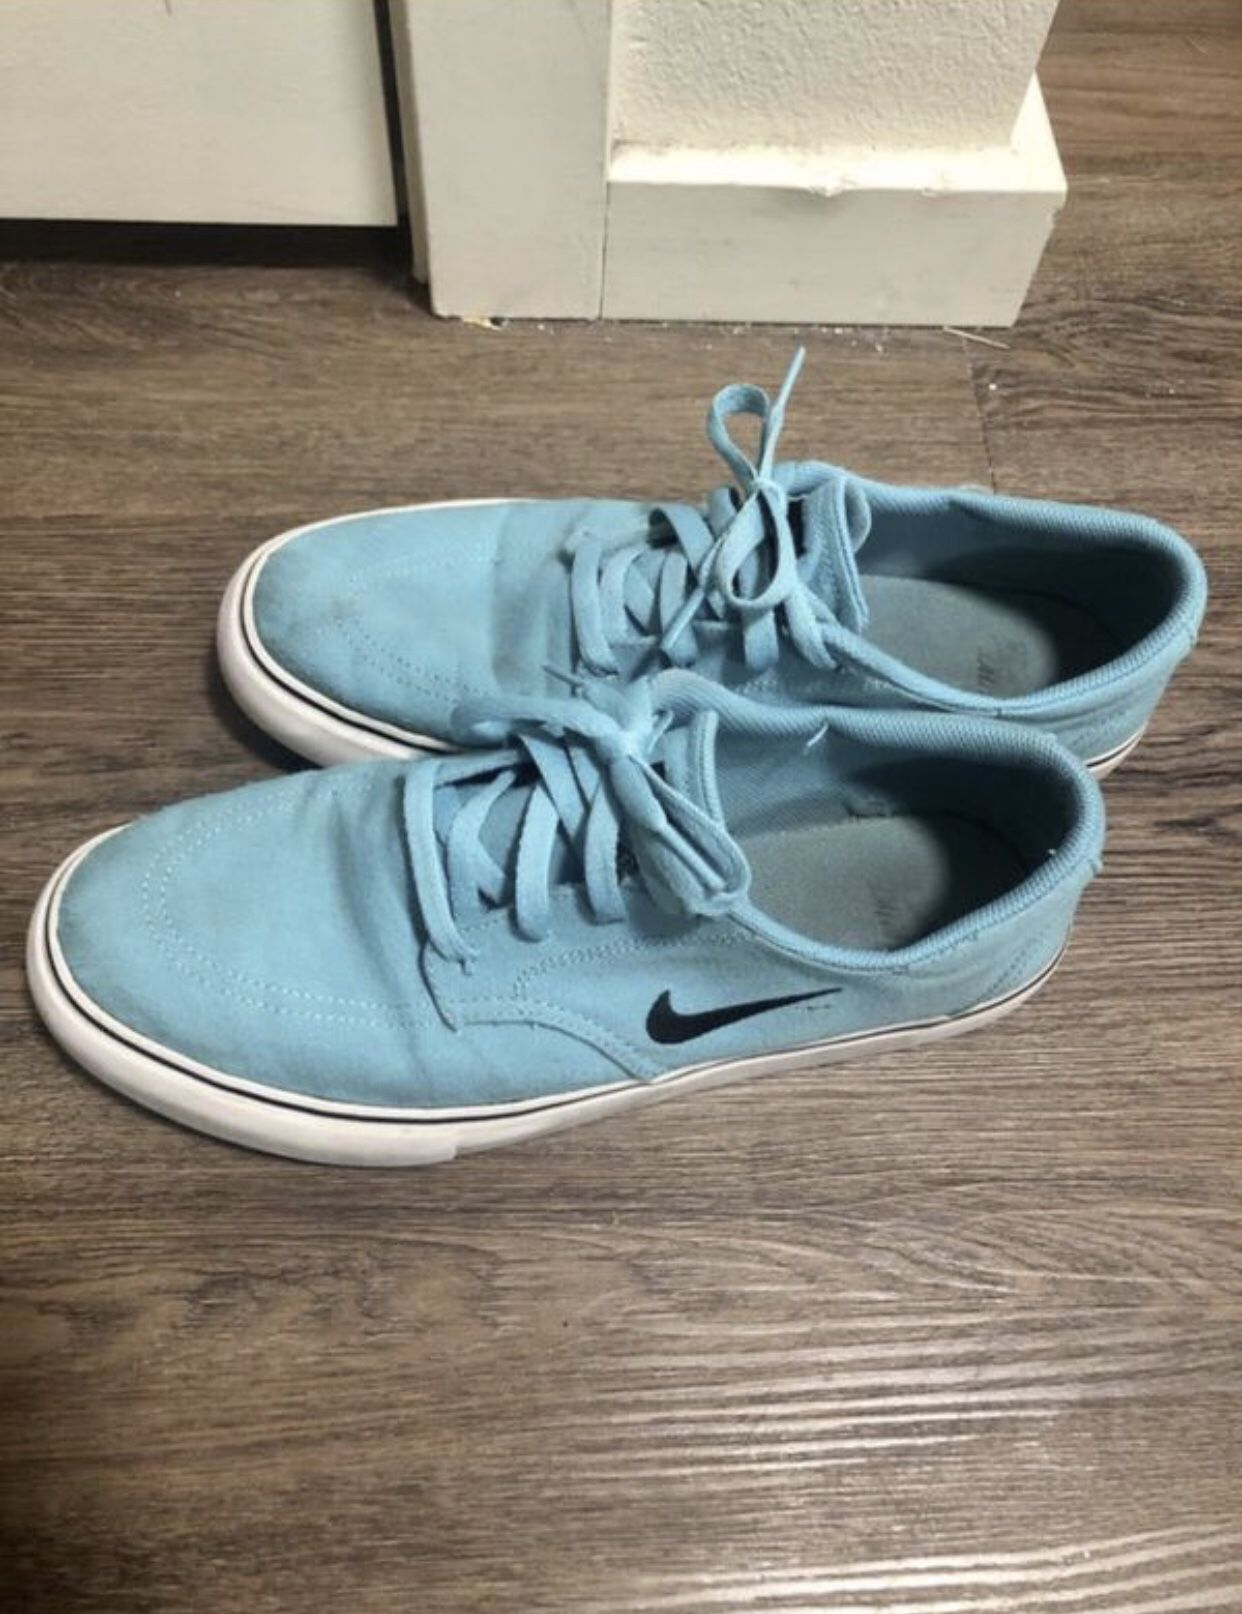 Men's 9.5 Aqua Nike's